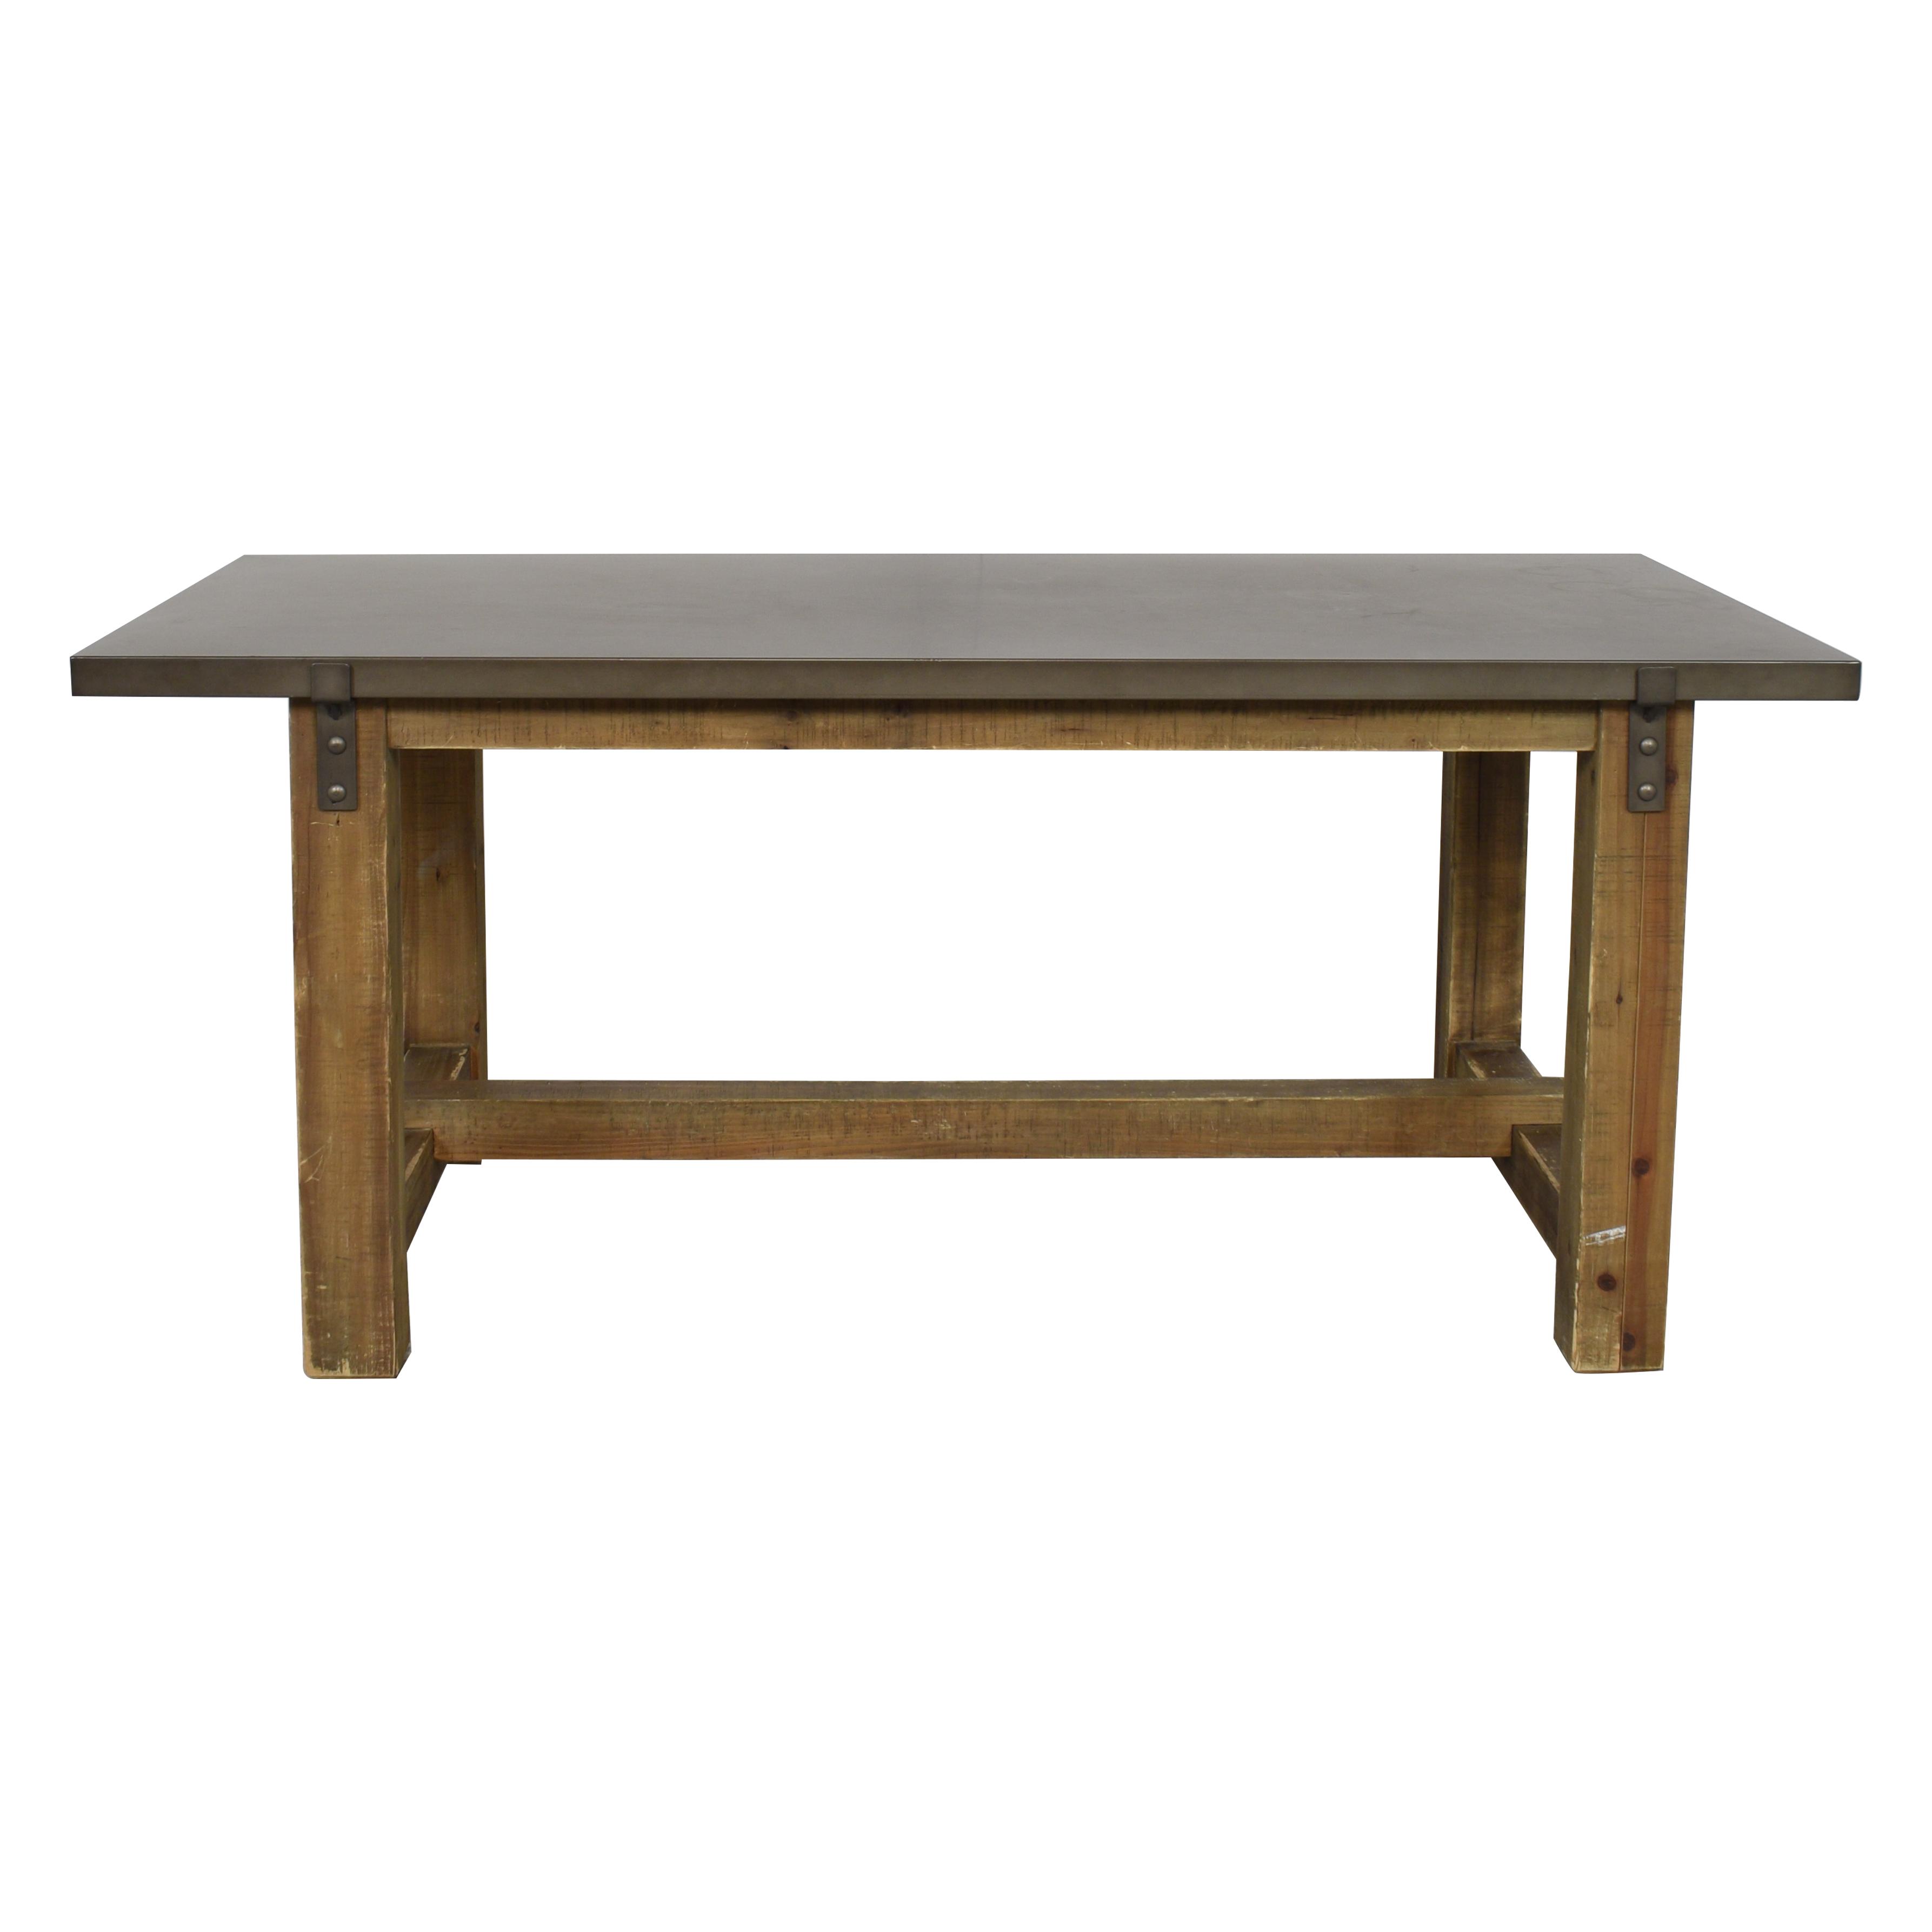 Restoration Hardware Restoration Hardware Reclaimed Wood & Zinc-Top Rectangular Dining Table coupon